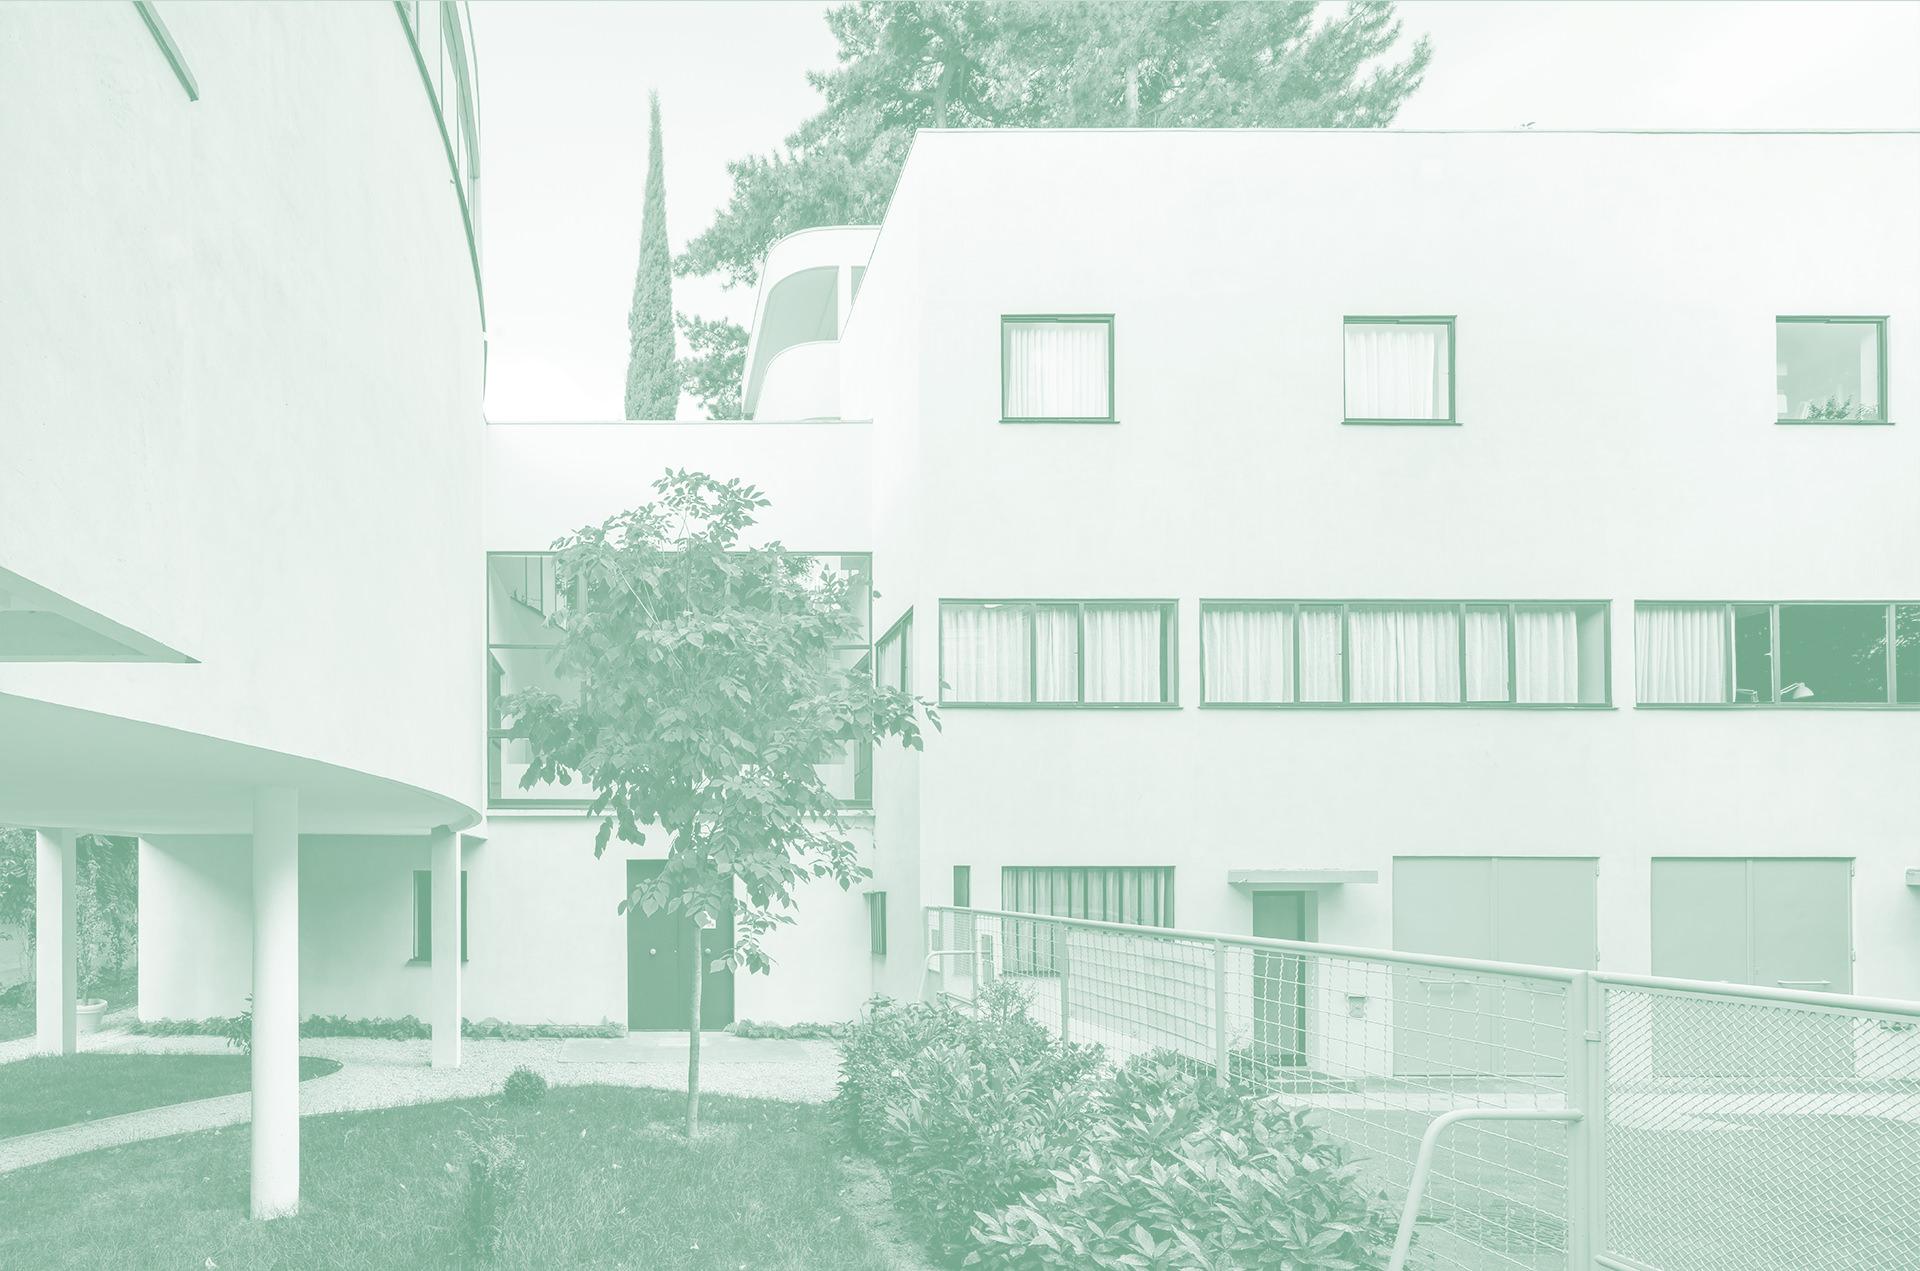 Maisons De La Weissenhof Siedlung Le Corbusier World Heritage